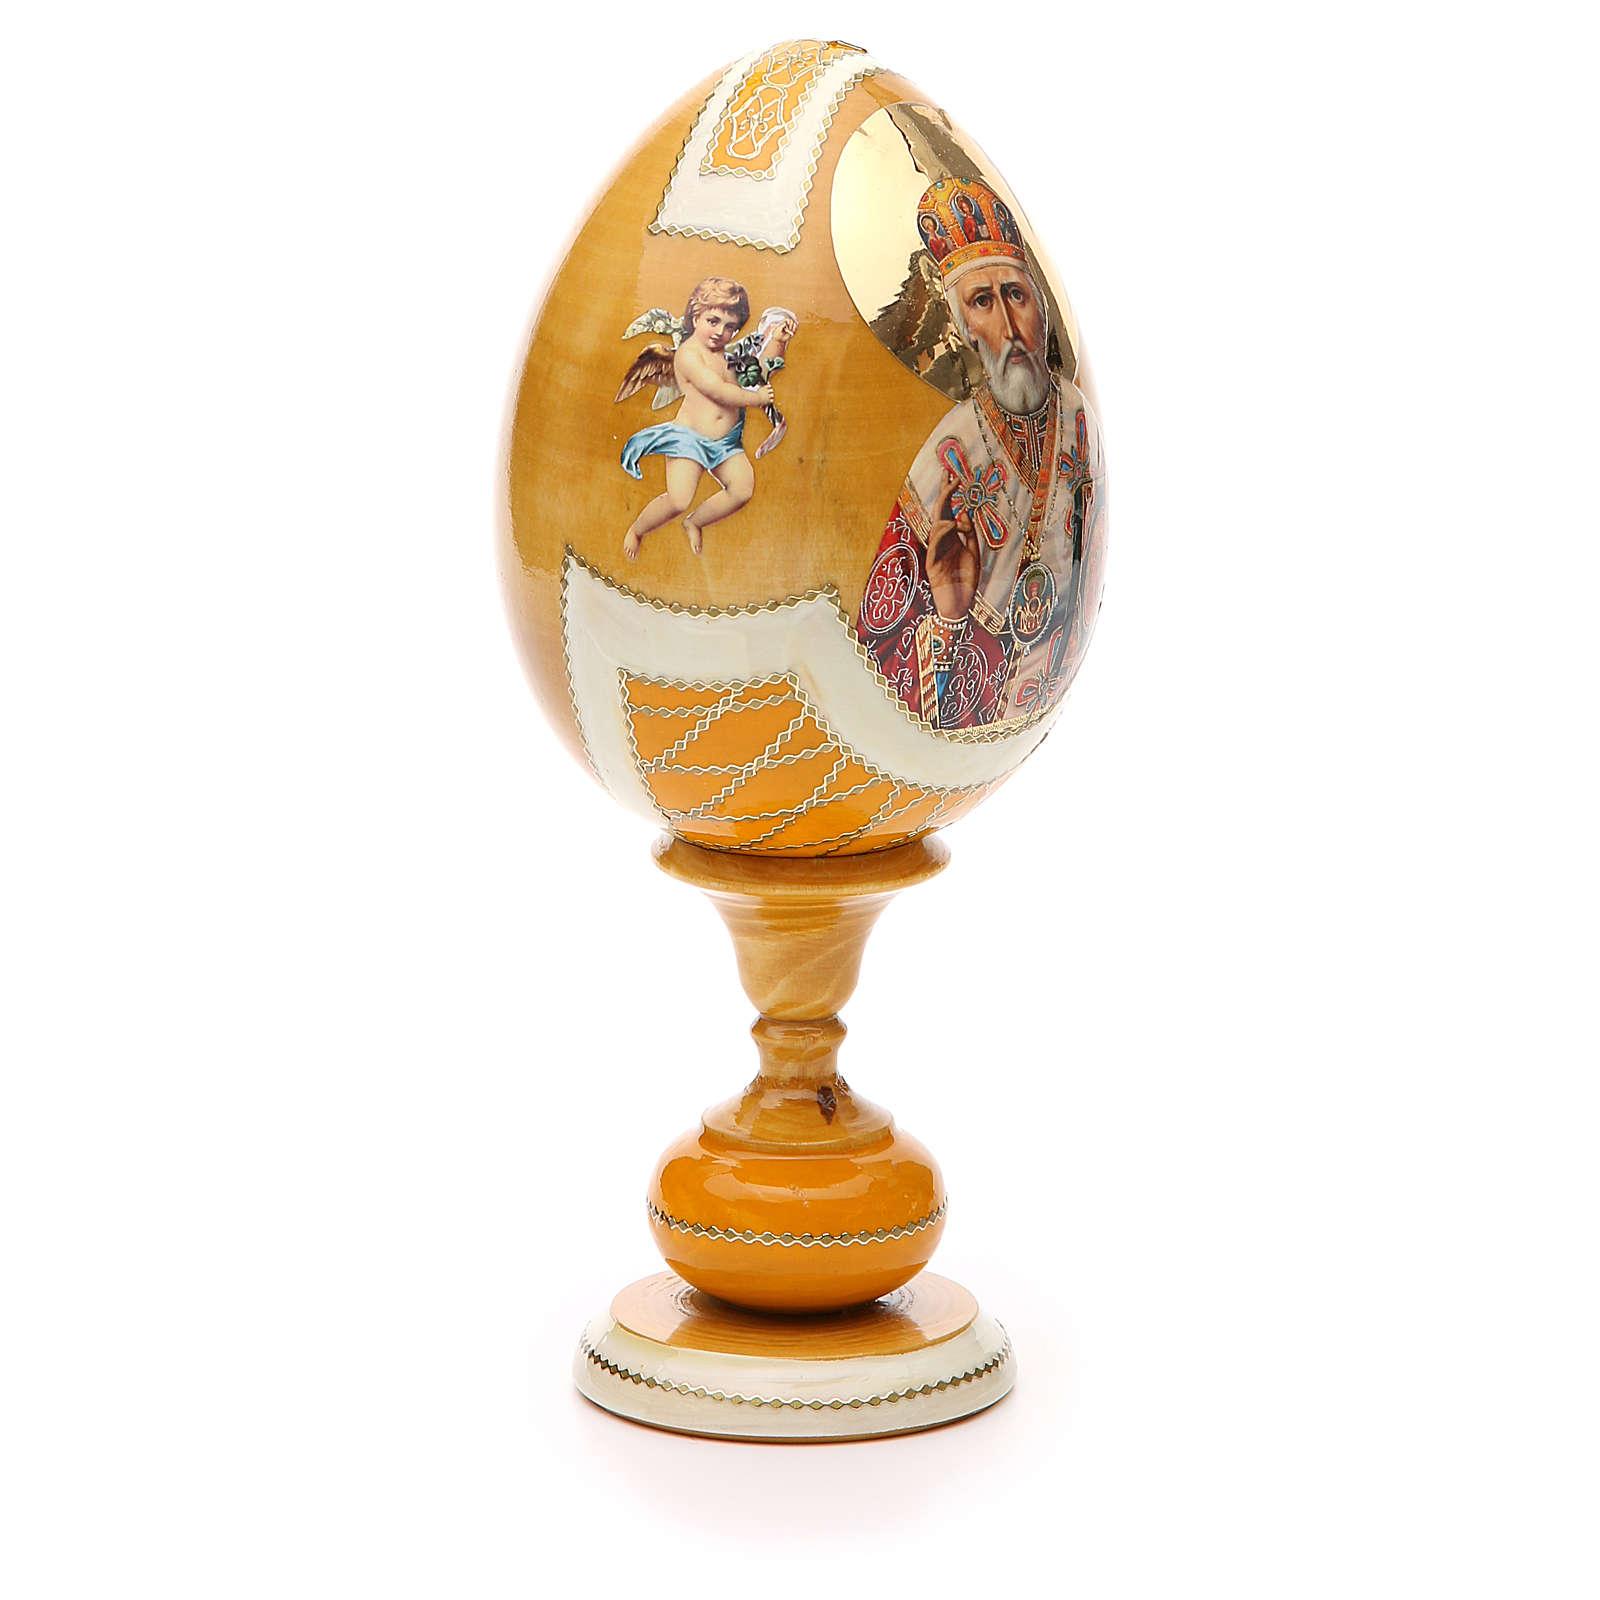 Russian Egg White Lily découpage, Fabergè style 20cm 4